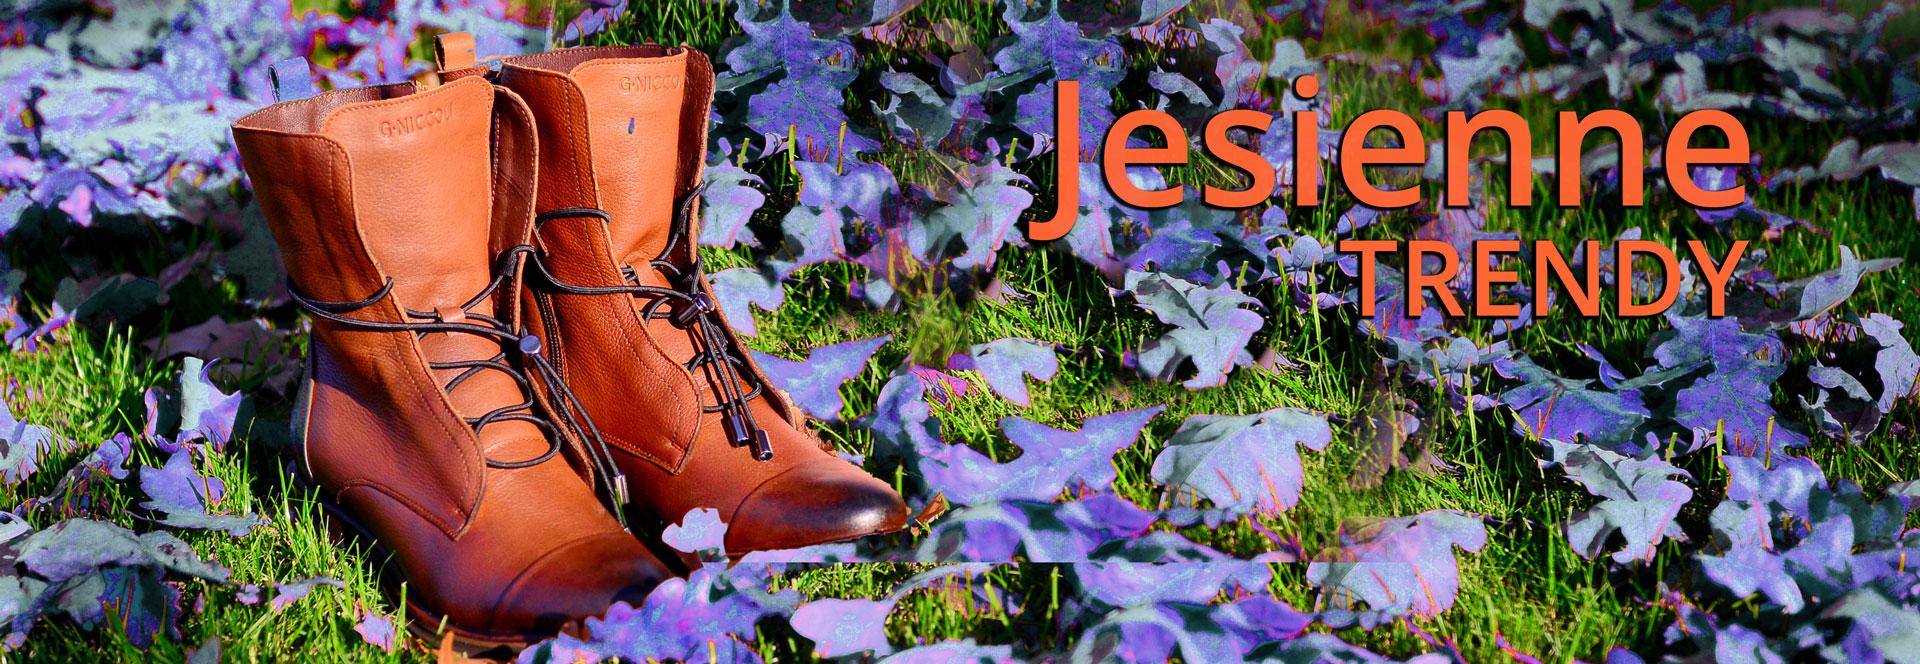 Jesienne trendy - nowe kolekcje obuwia damskiego